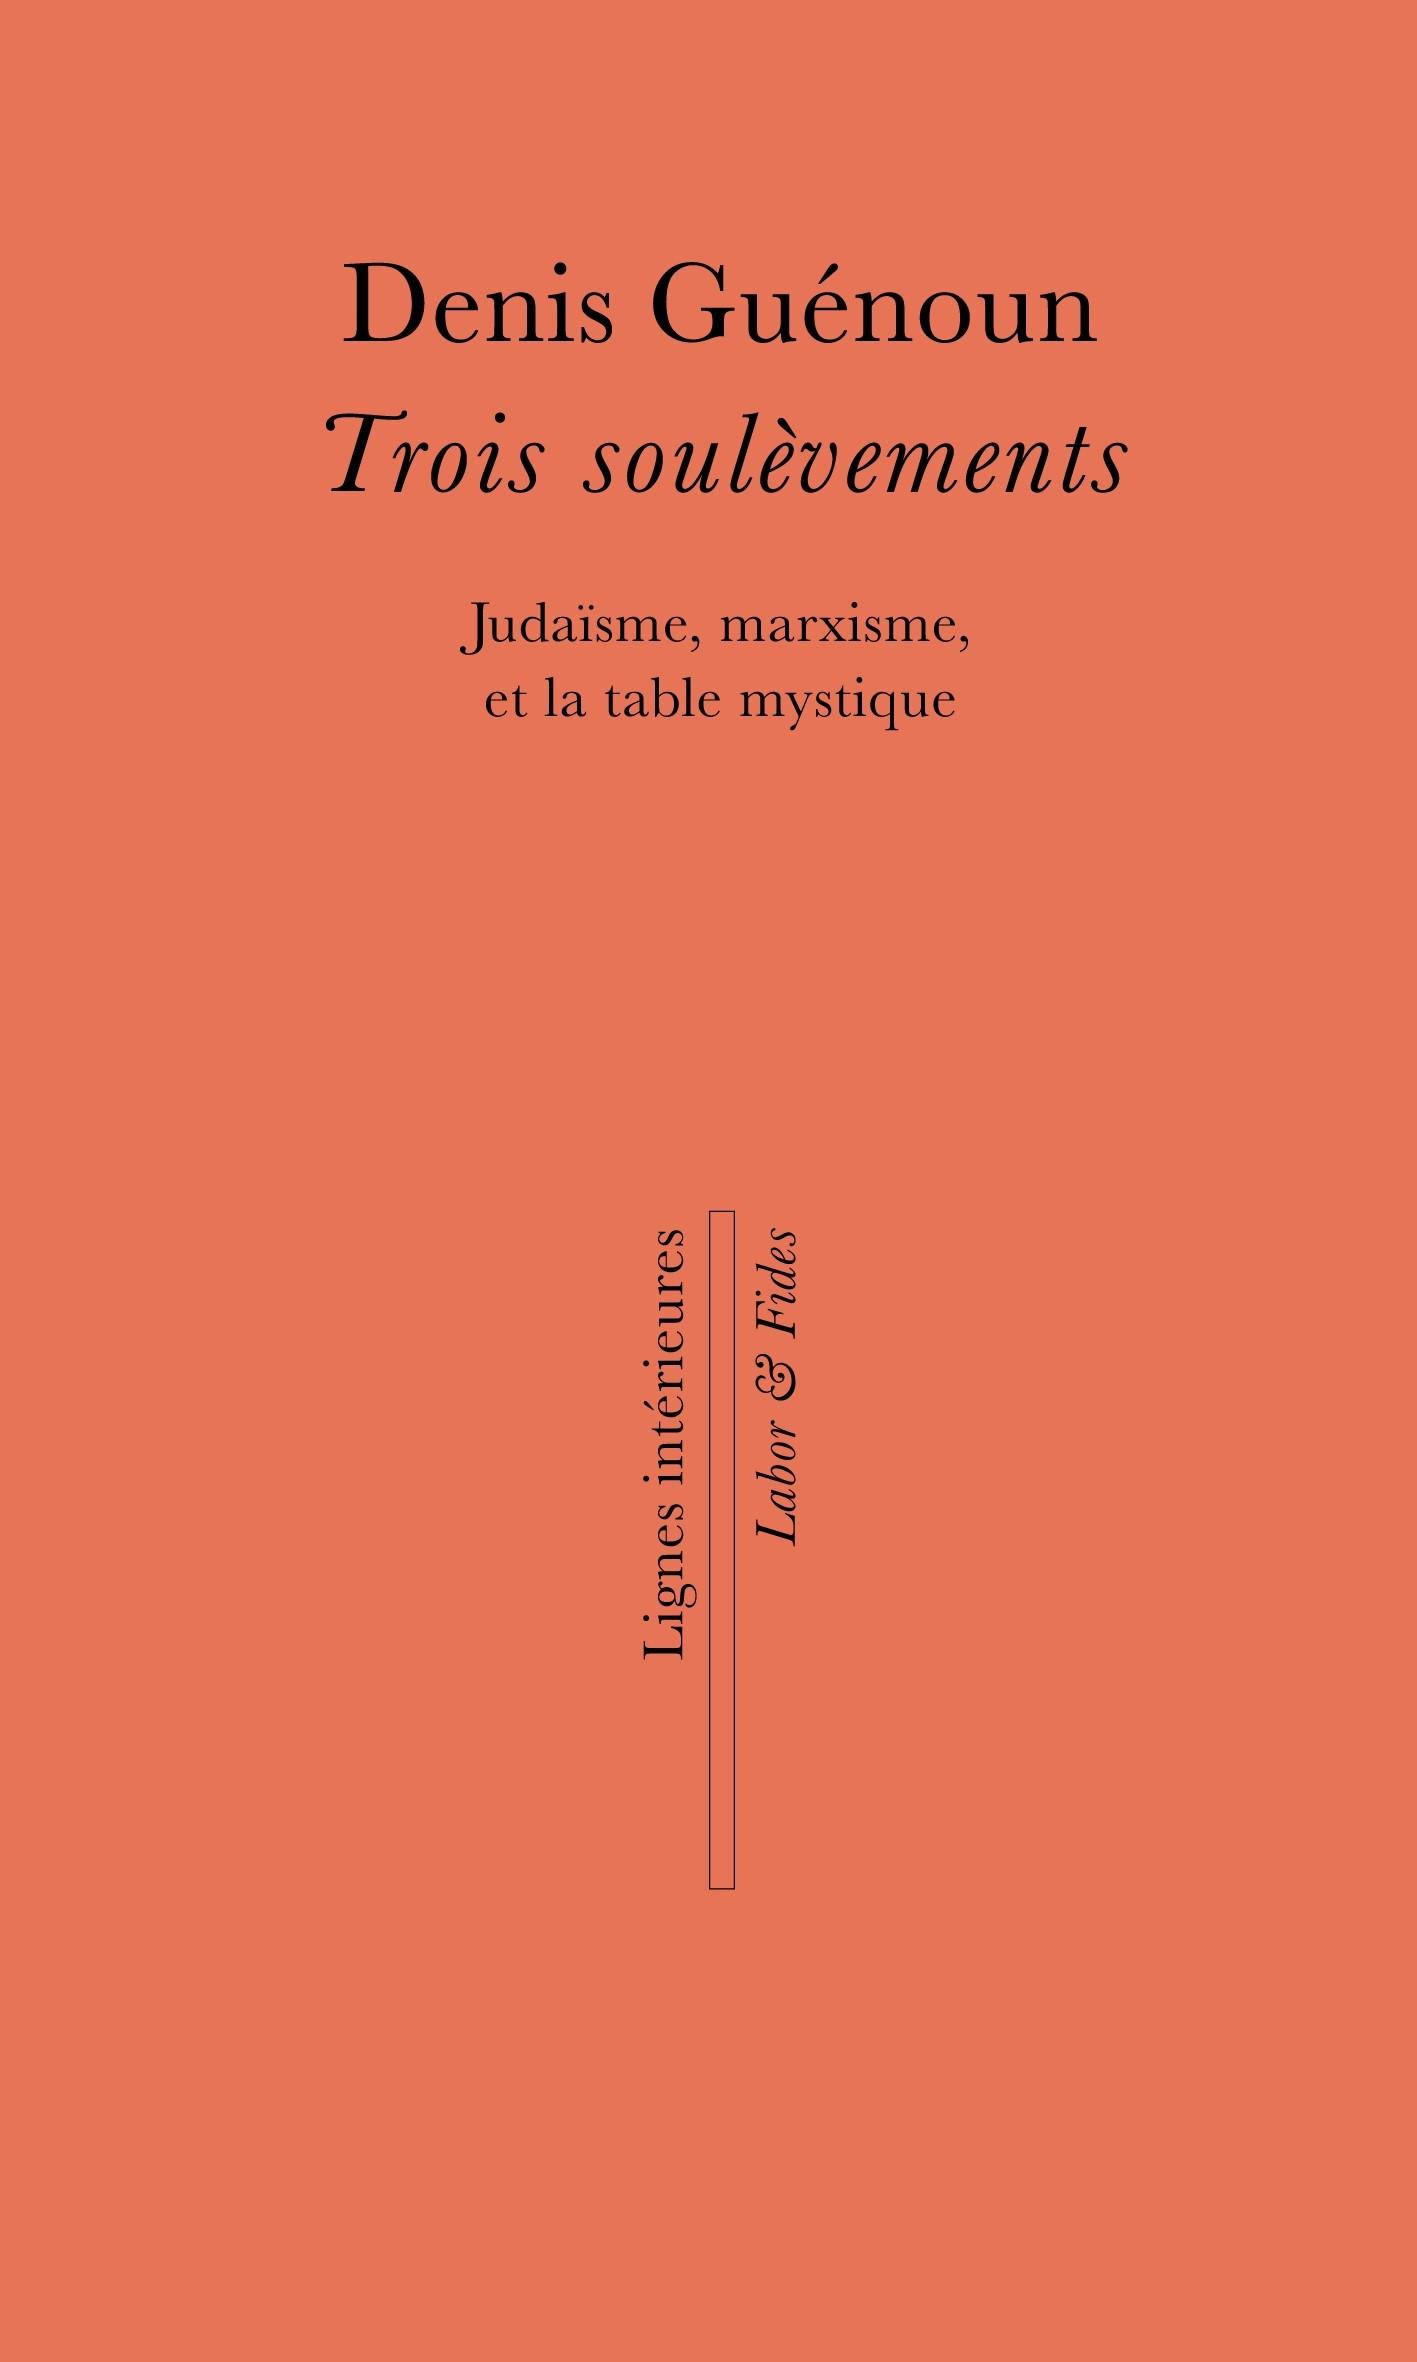 D. Guénoun, Trois soulèvements. Judaïsme, marxisme et la table mystique